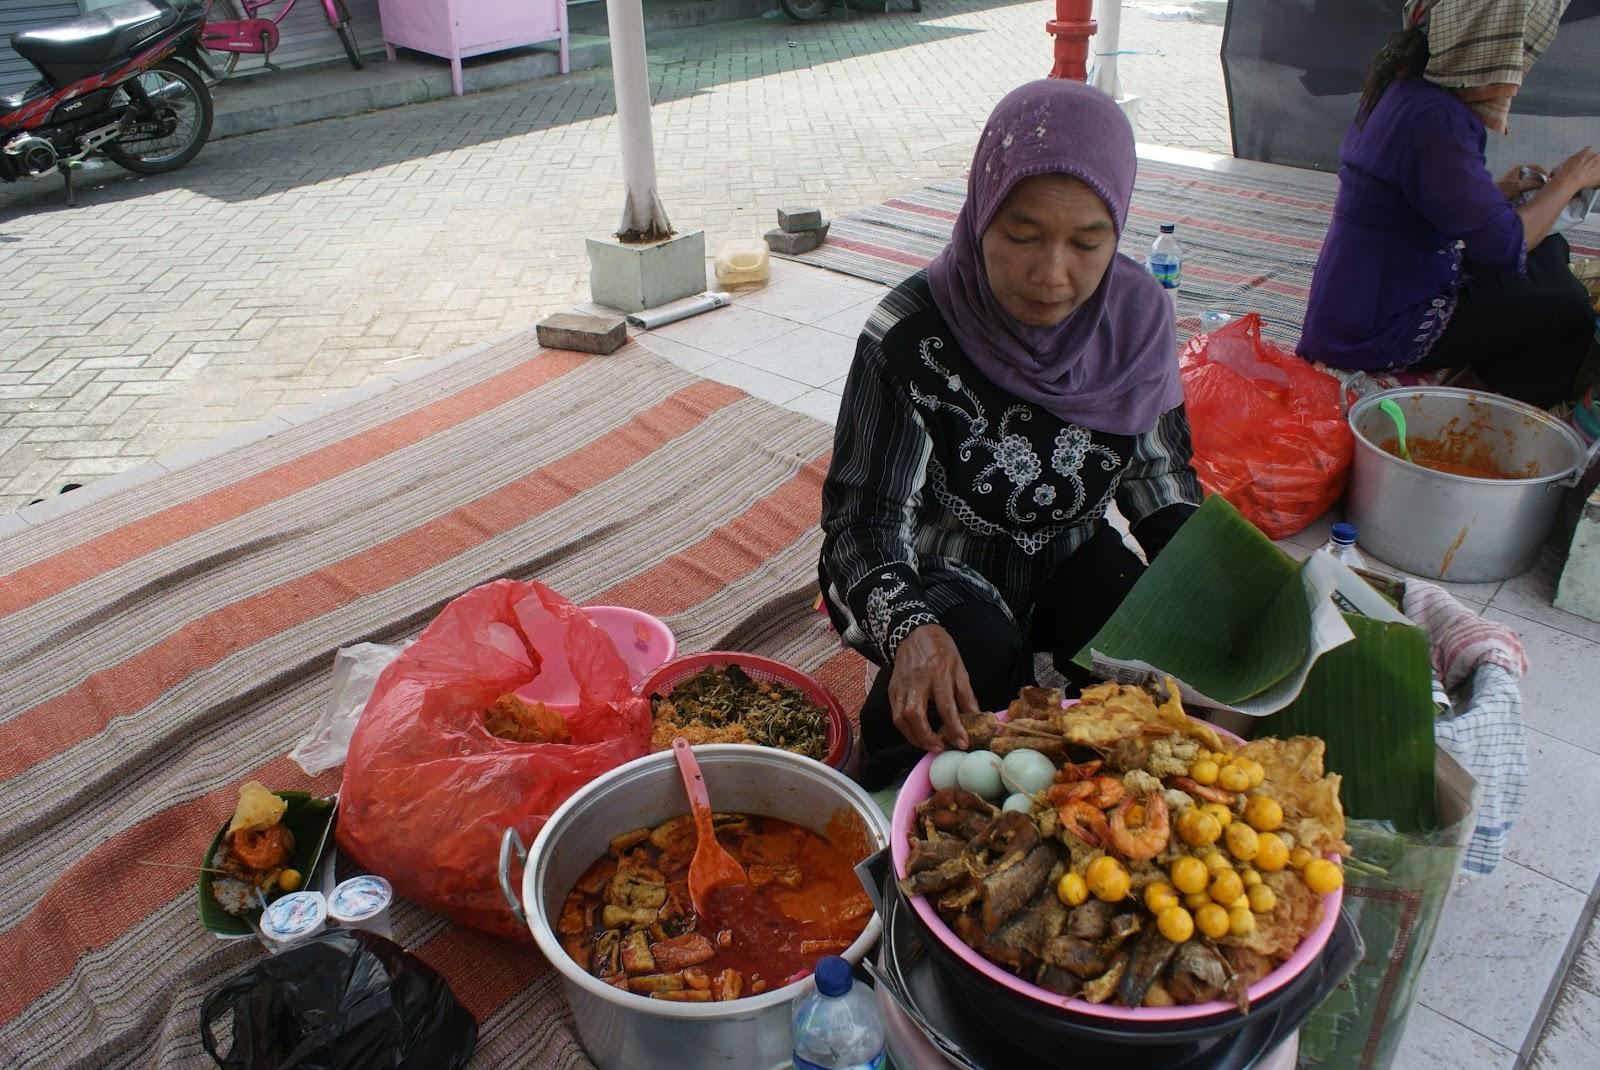 Berkunjung ke Lamongan, jangan lupa nikmati wisata kulinernya